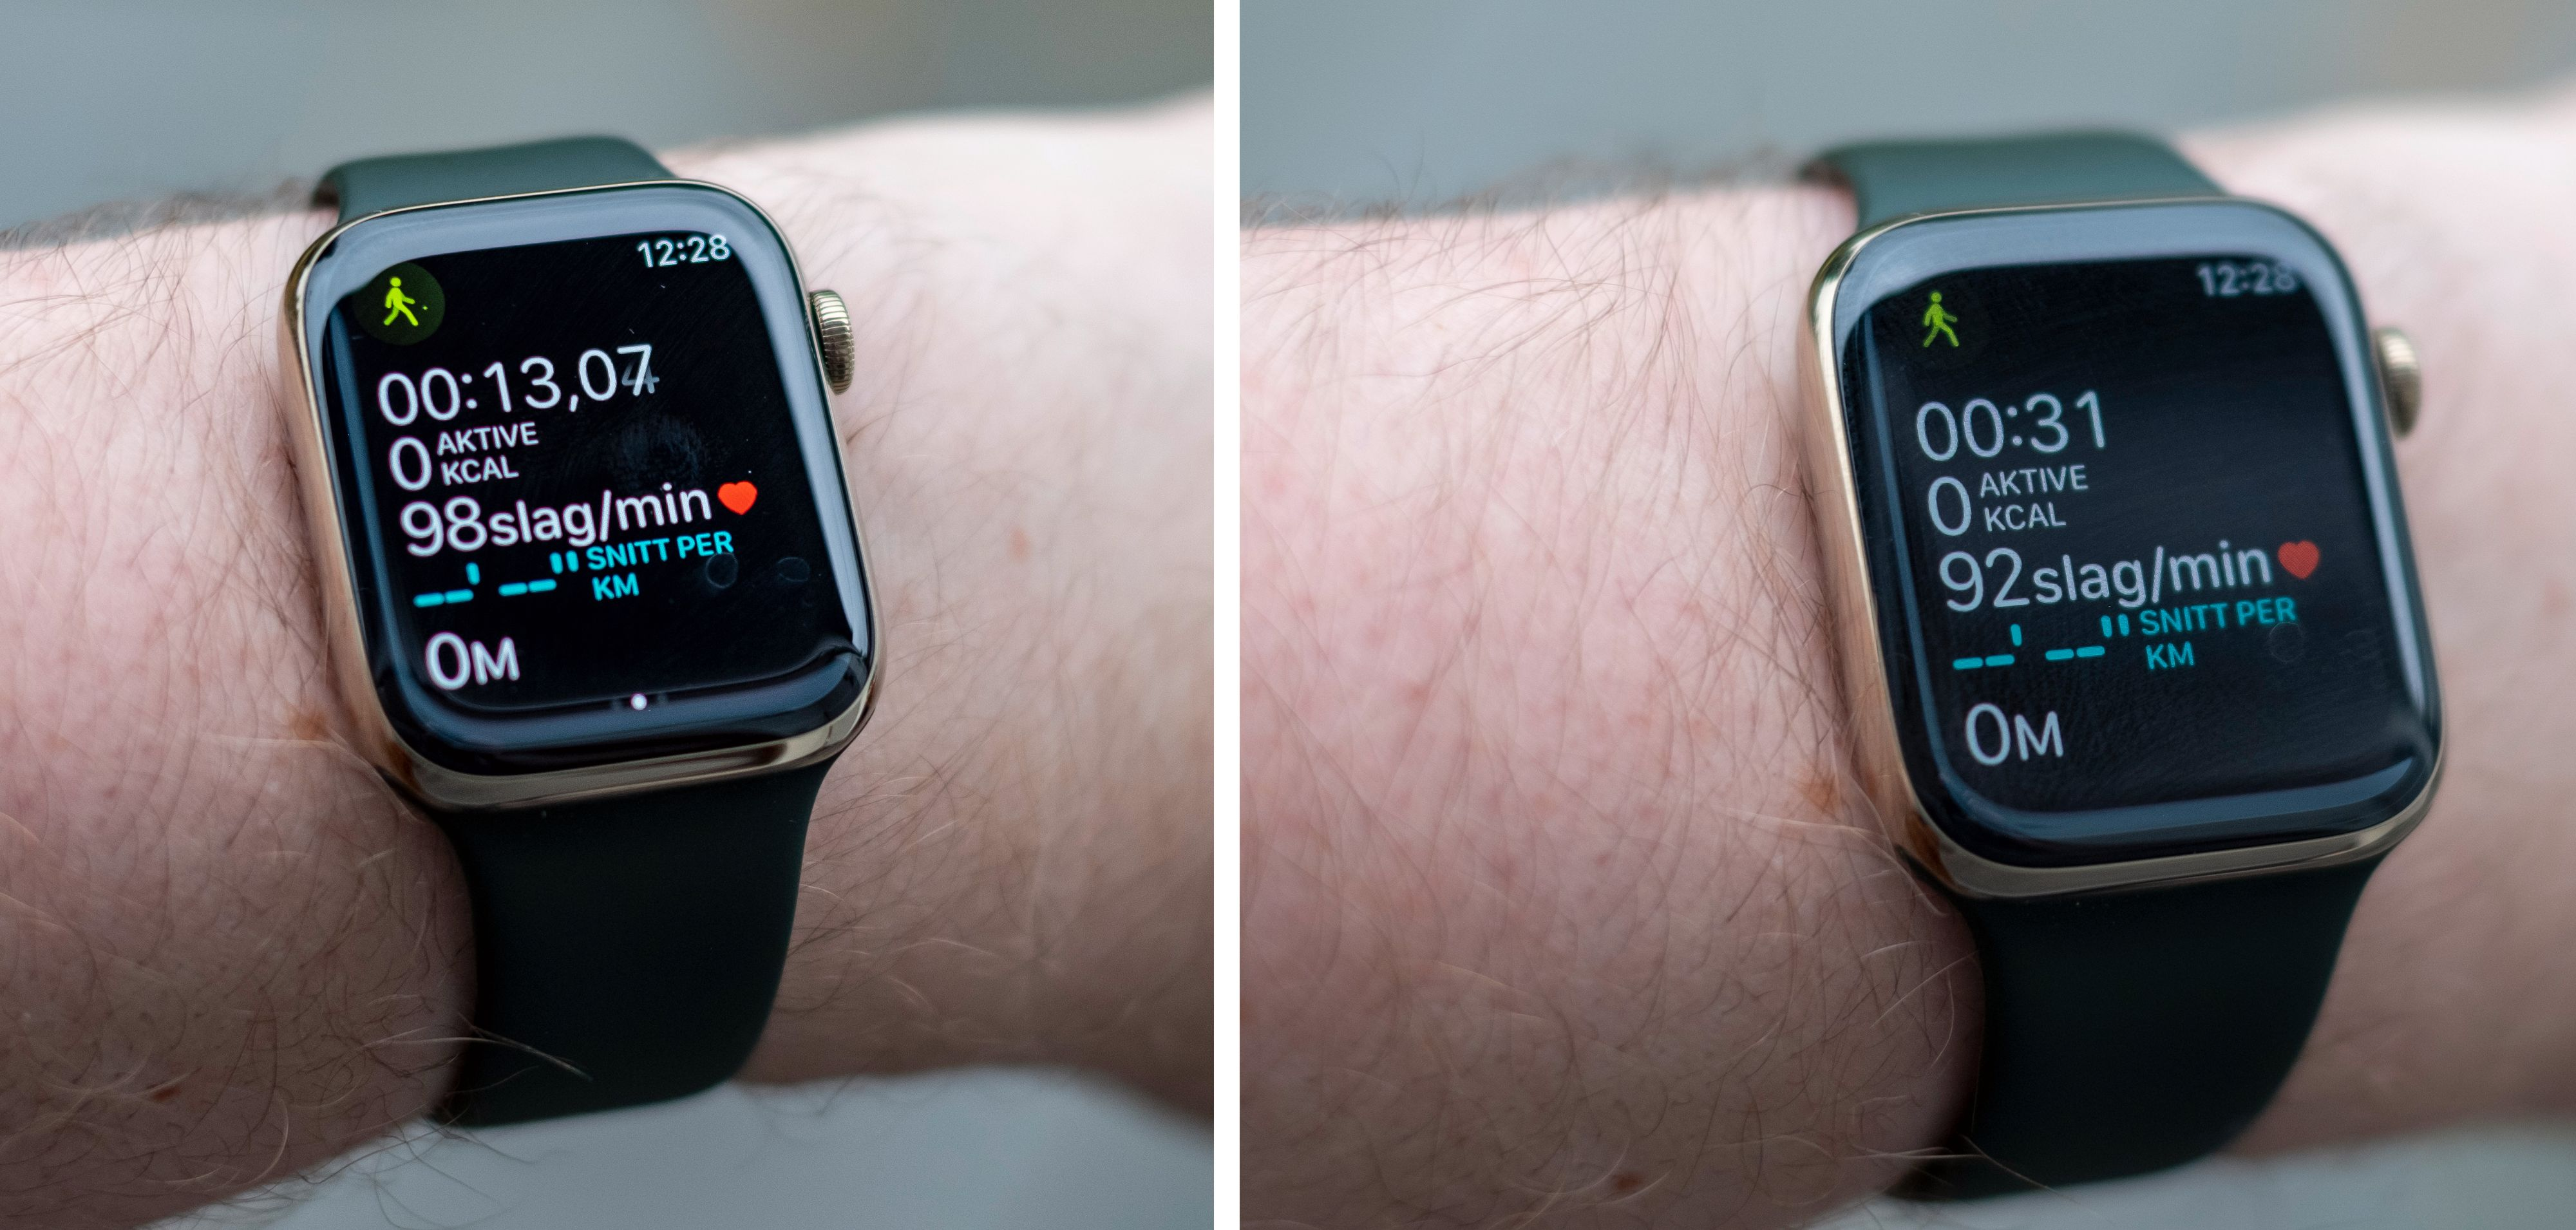 Treningsmodusen fortsetter å vise treningsinformasjon fremfor bare vanlig klokke når du bruker den. En klokke som er såpass appfokusert og smart på andre måter, burde kunne holde styr på treningen i bakgrunnen.